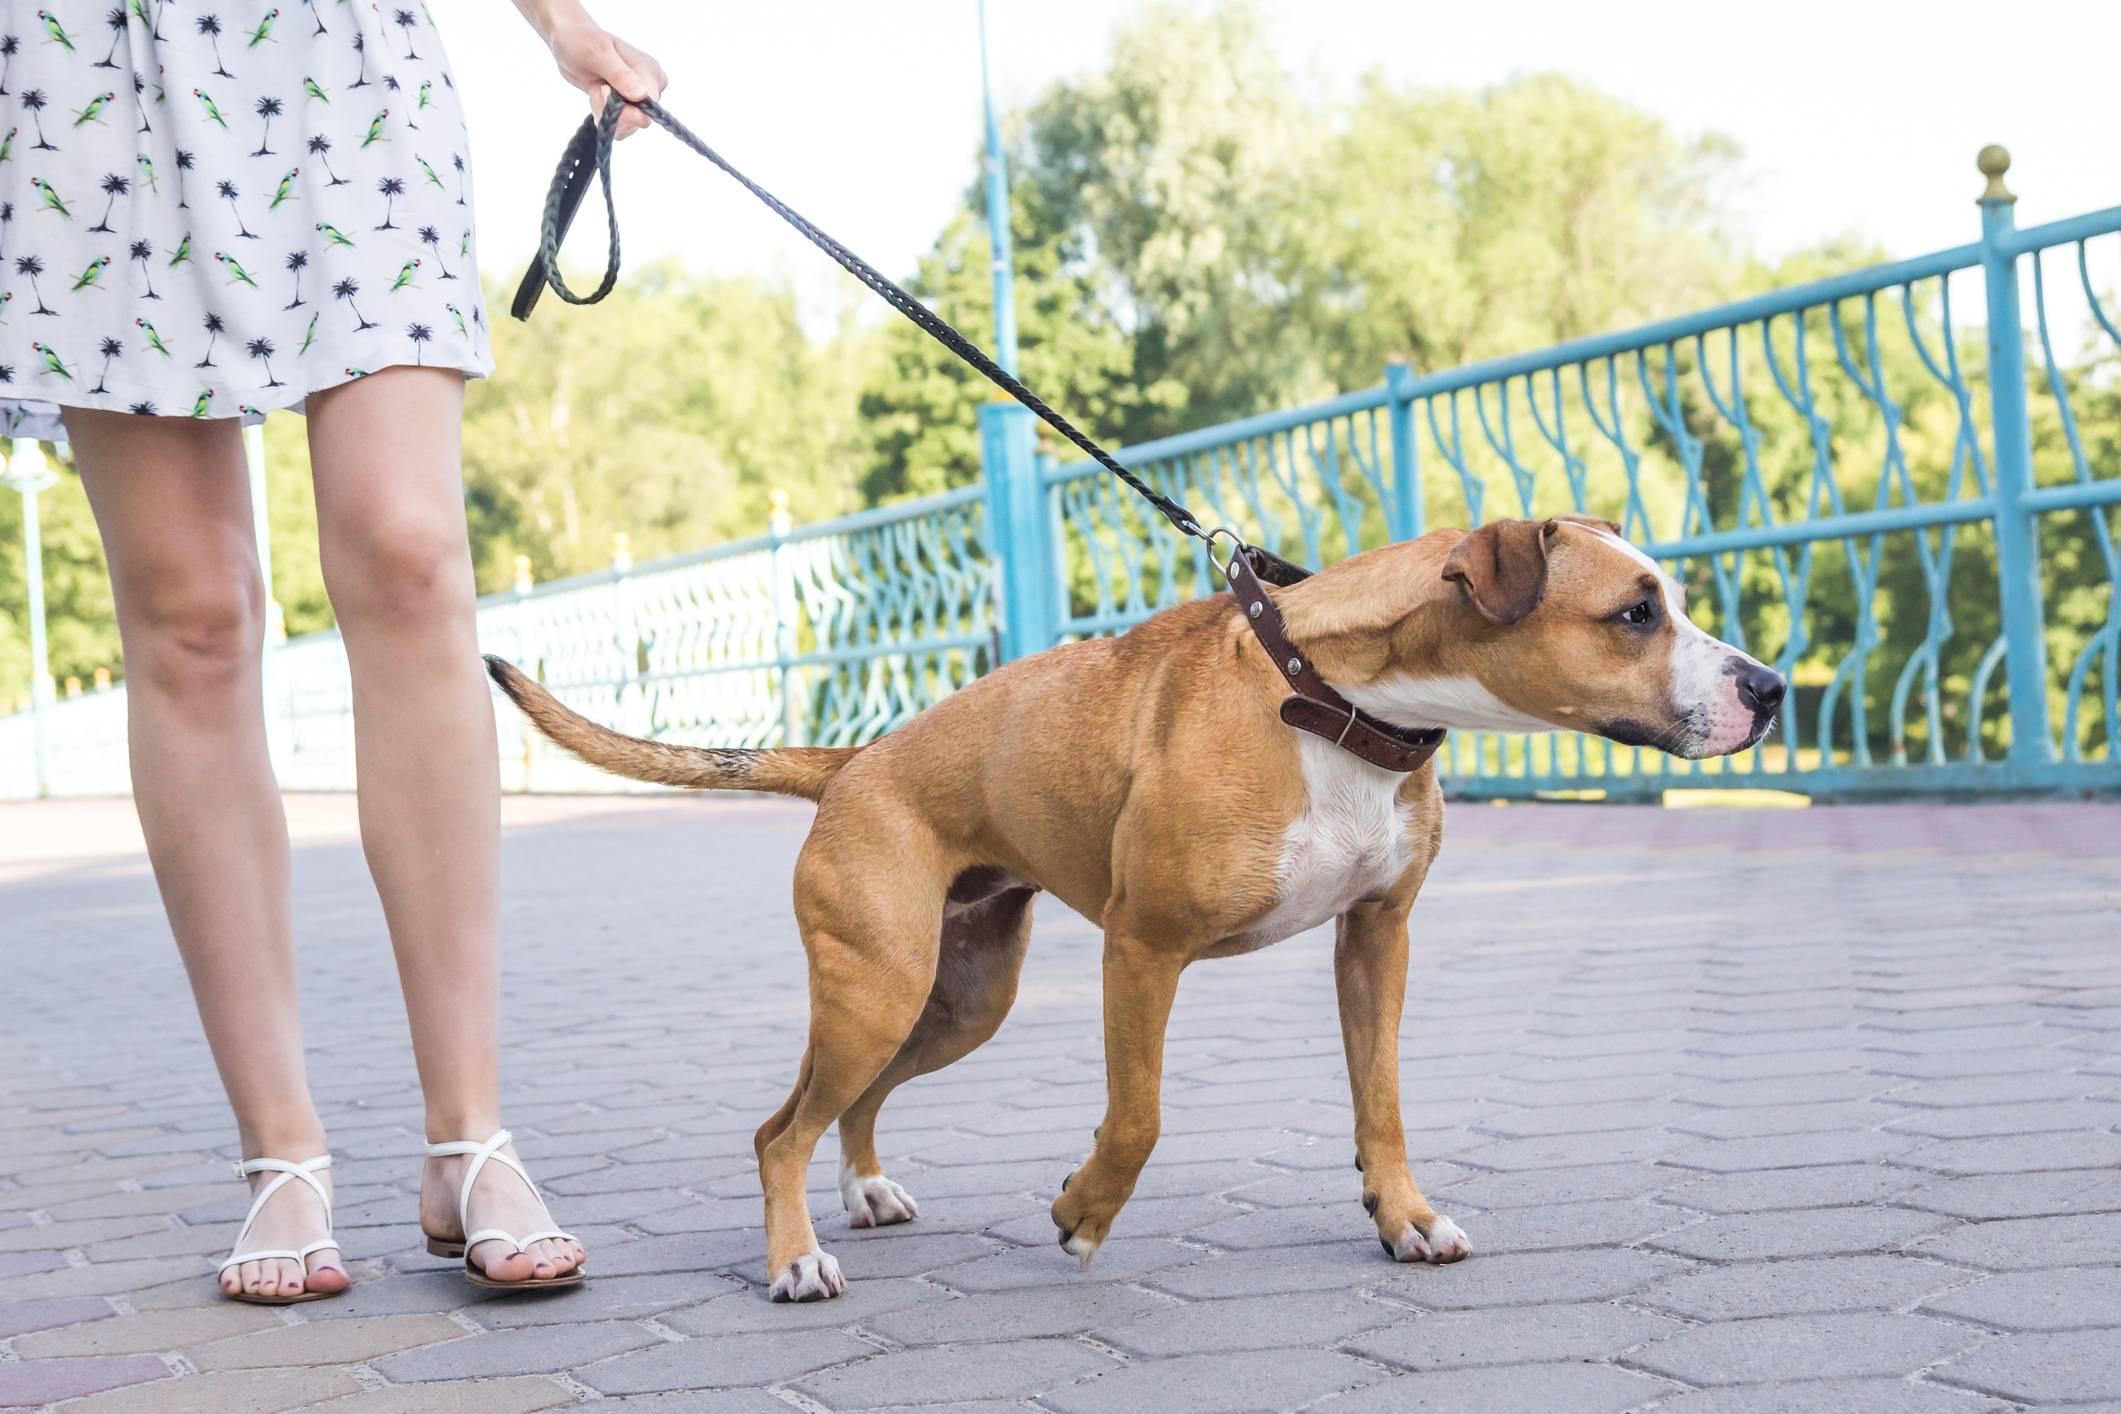 Как отучить собаку тянуть поводок: методы корректировки поведения